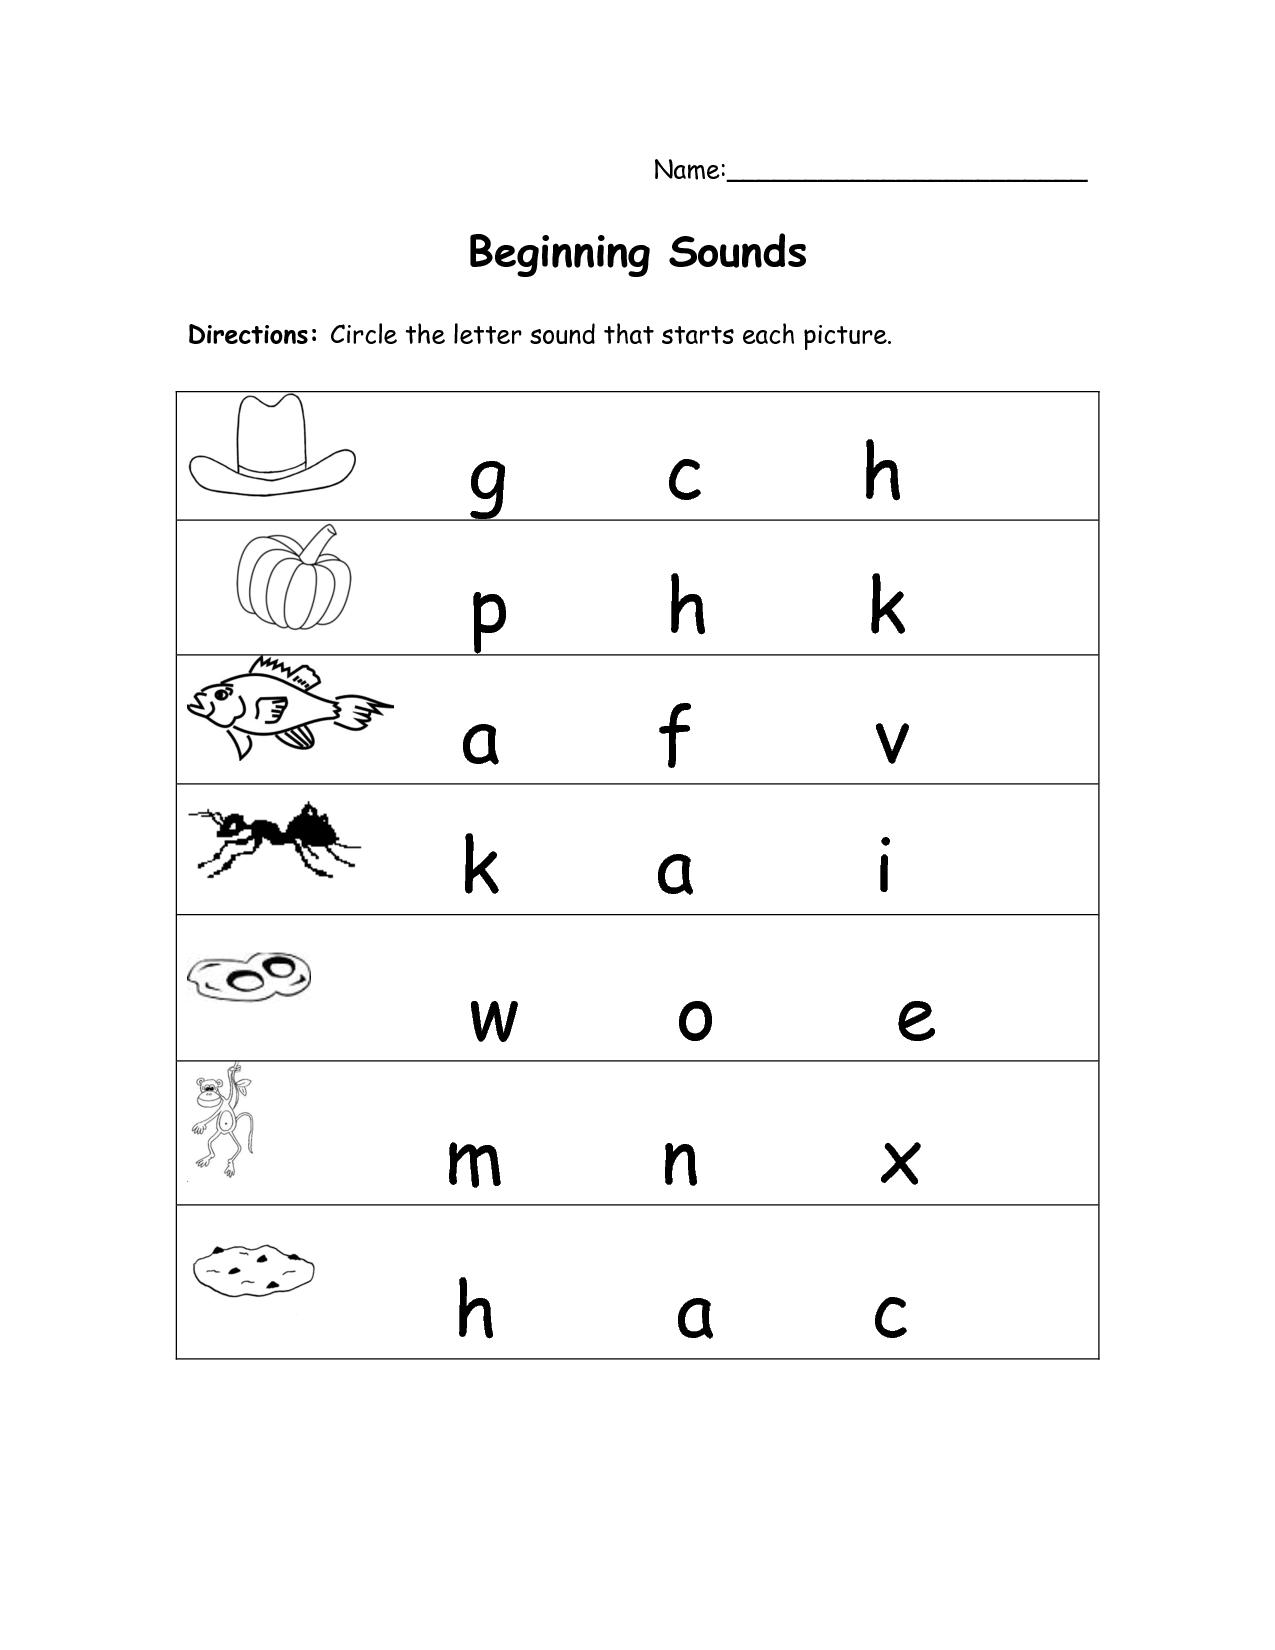 7 Best Images of Kindergarten Beginning Sounds Free ...